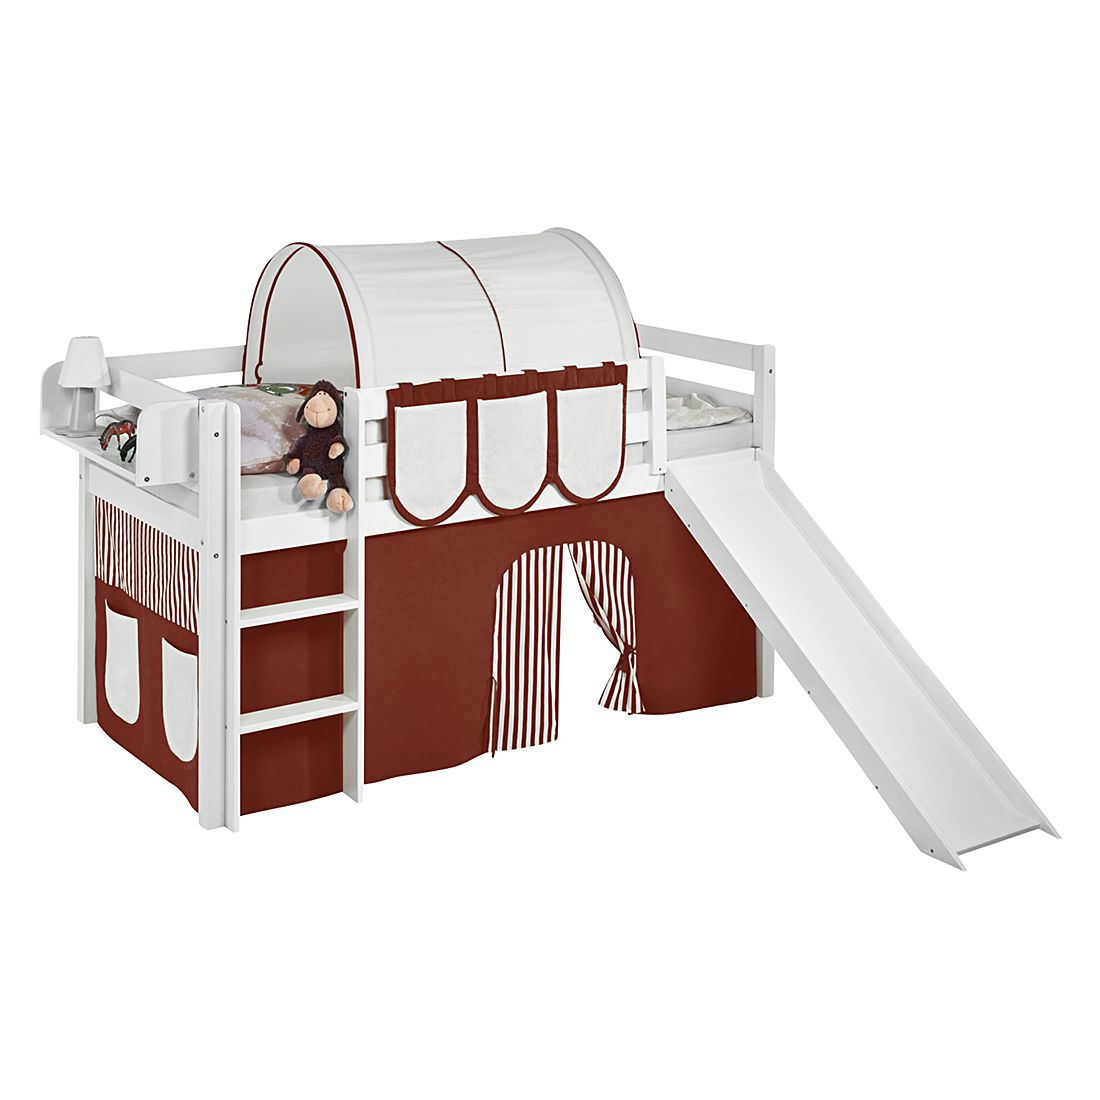 hochbett 190 x 90 preisvergleiche erfahrungsberichte. Black Bedroom Furniture Sets. Home Design Ideas